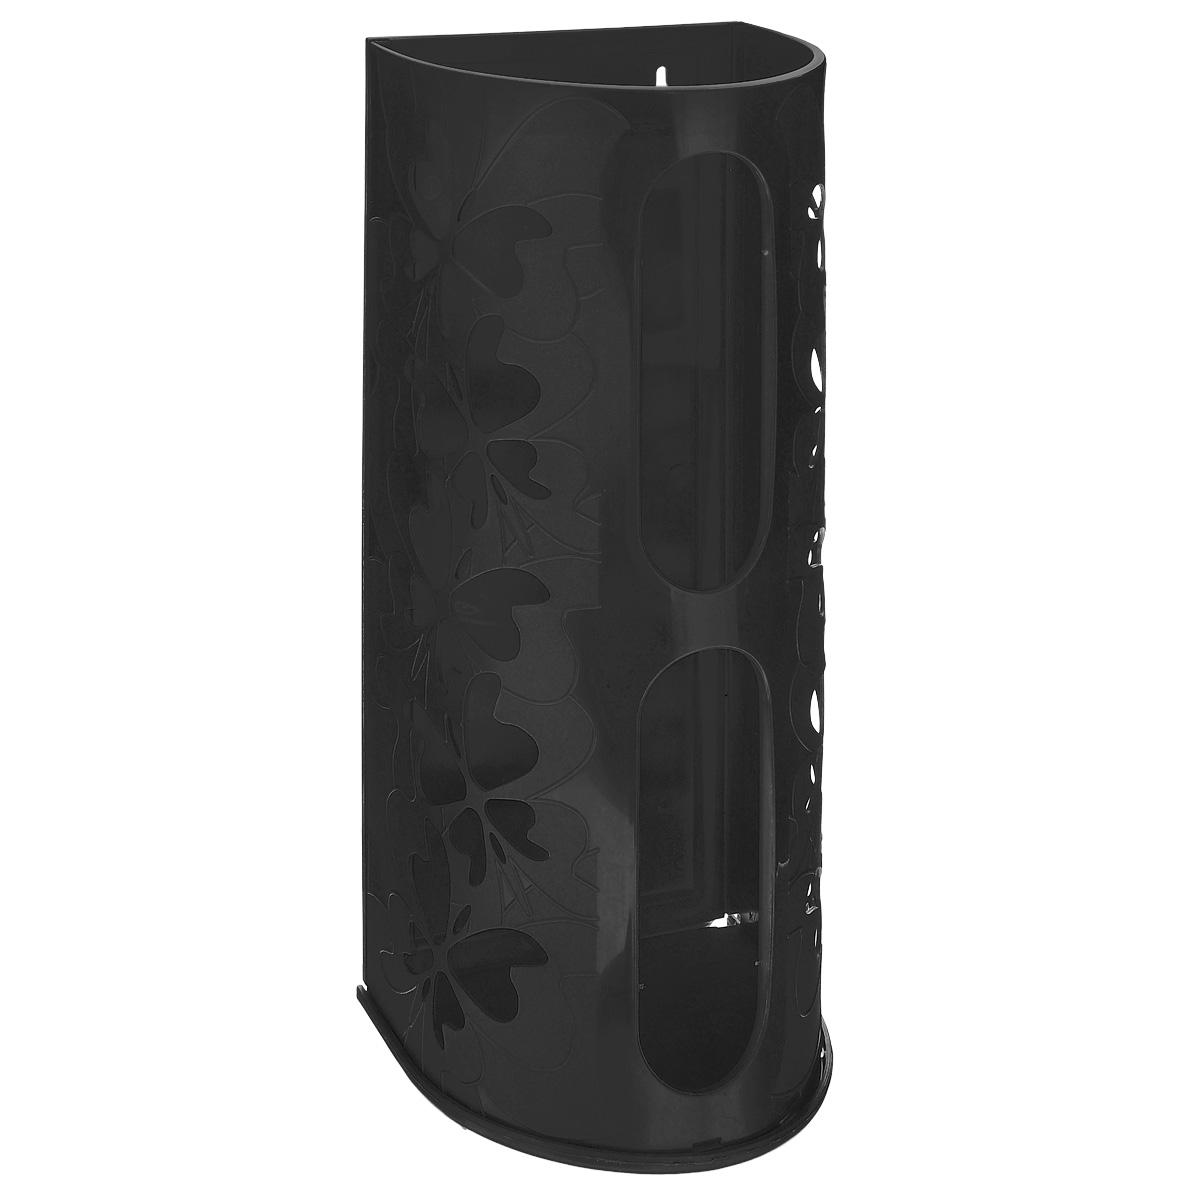 Корзина для пакетов Berossi Fly, цвет: черный, 16 см х 13 см х 37,5 смИК10305Корзина Berossi Fly выполнена из пластика и предназначена для хранения пакетов для продуктов. Изделие декорировано перфорацией в виде бабочек и крепится к стене при помощи трех саморезов (входят в комплект). Корзина легко собирается и разбирается. Имеет два отверстия, из которых удобно вынимать пакеты.Корзина Berossi Fly позволяет хранить пакеты в одном месте. Размер корзины (в собранном виде): 16 см х 13 см х 37,5 см.